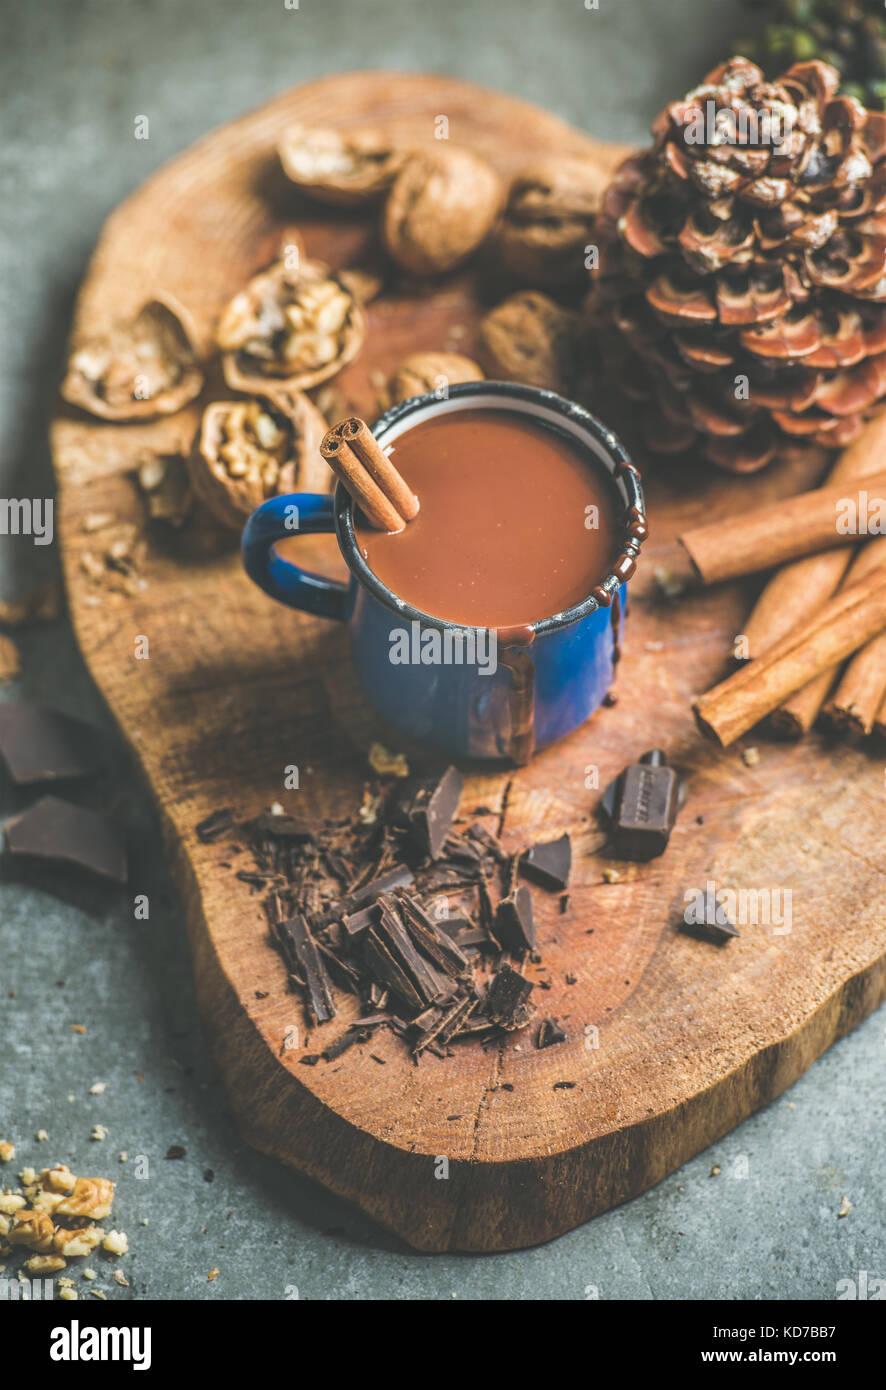 Hiver riche chocolat chaud avec de la cannelle et les noix Banque D'Images